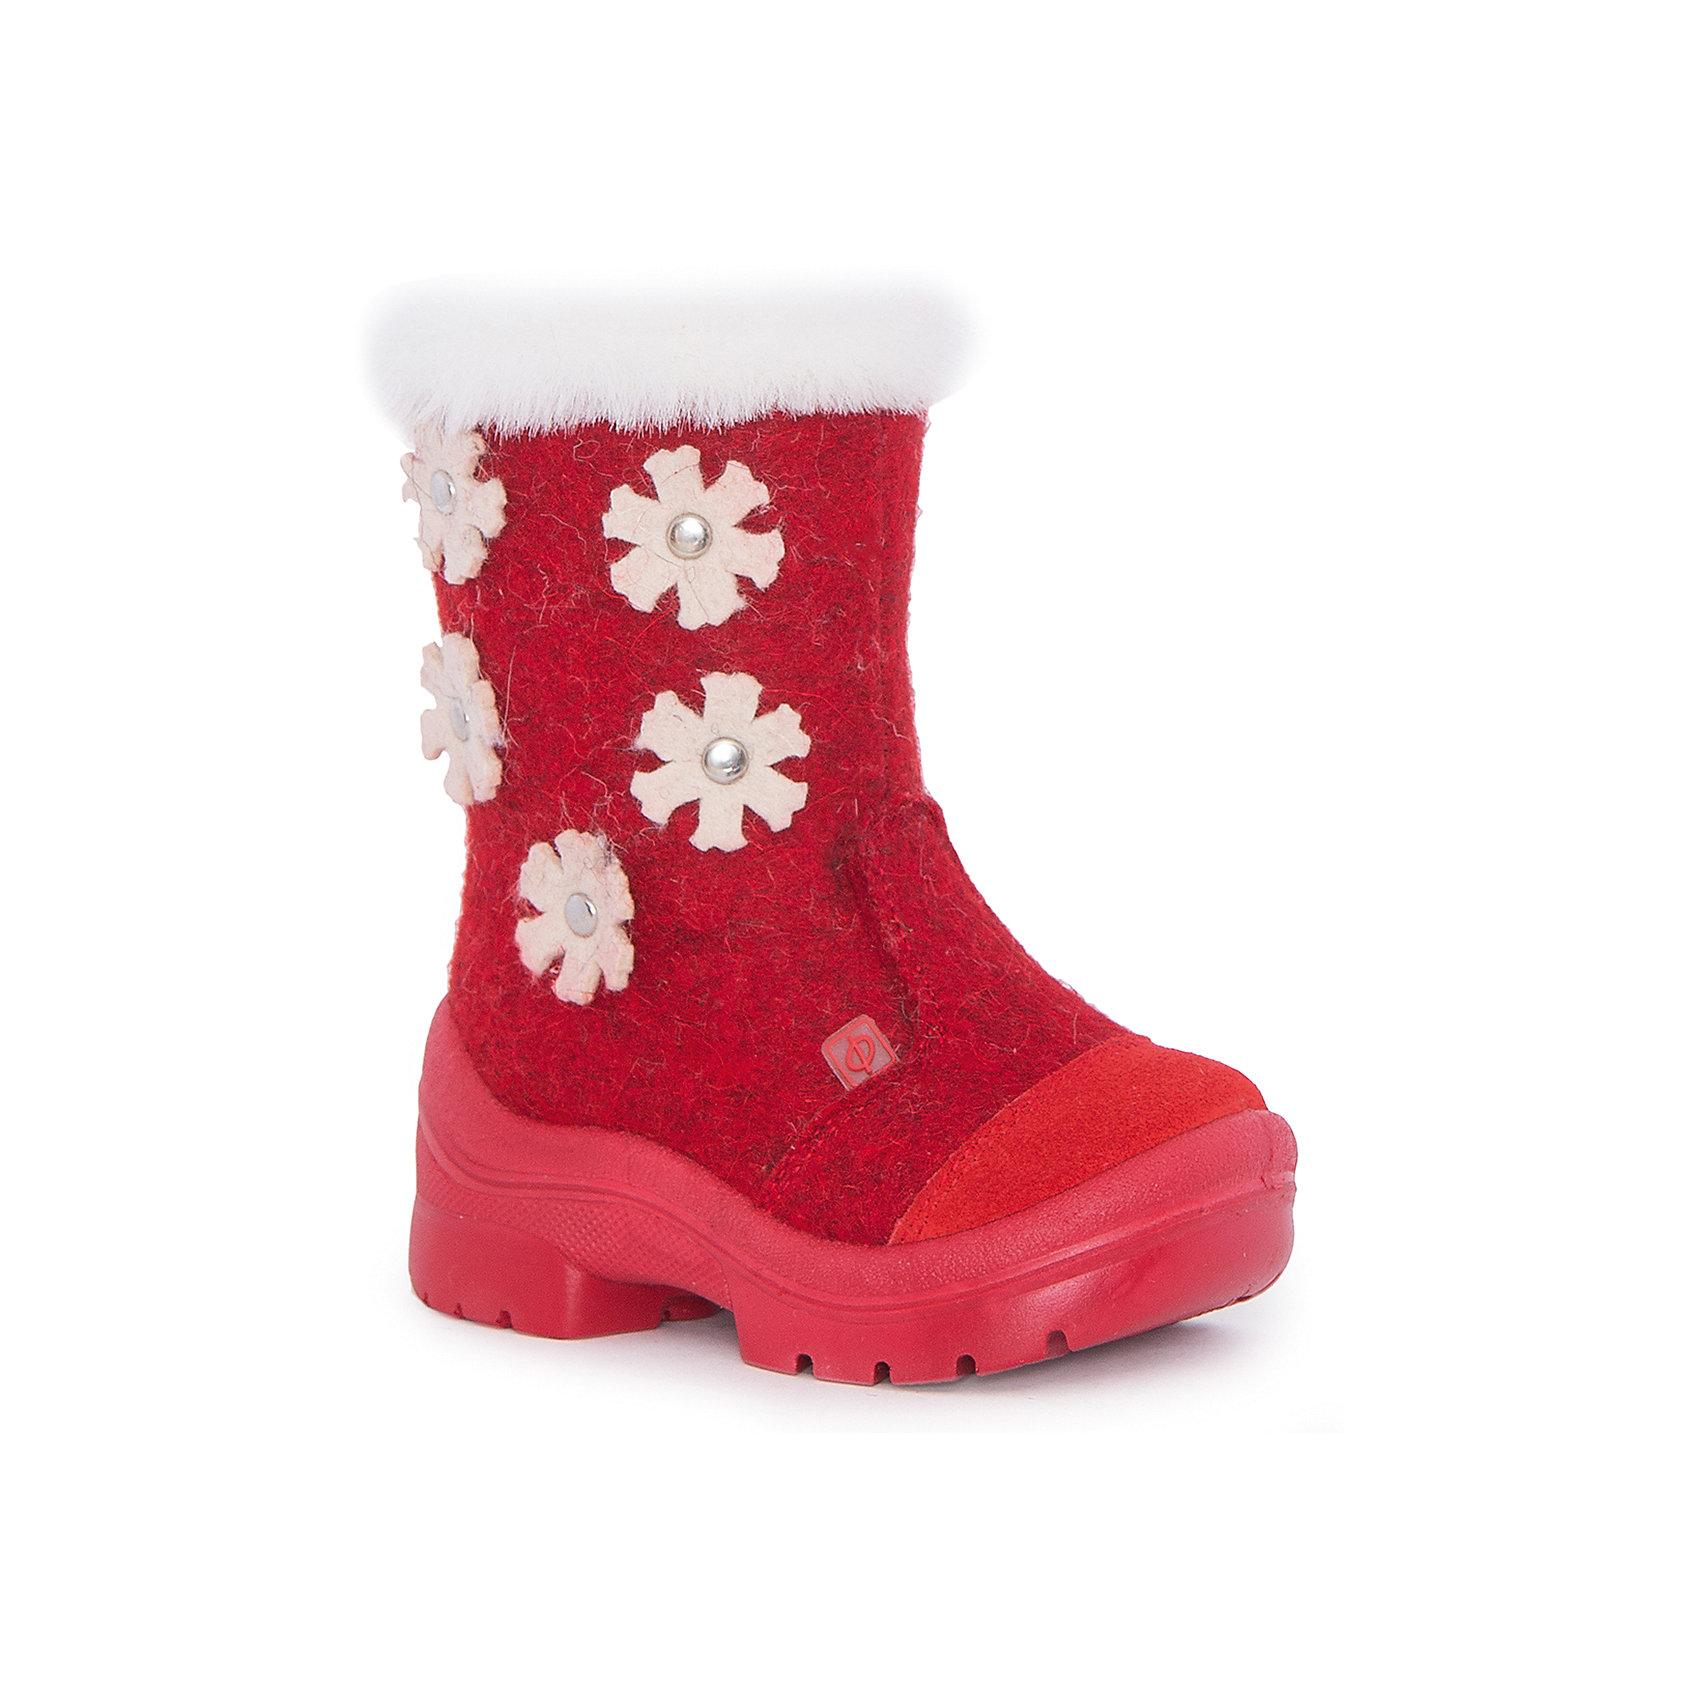 Валенки Зима-красна для девочки ФилипокВаленки<br>Характеристики товара:<br><br>• цвет: красный<br>• температурный режим: от -5° С до -30° С<br>• внешний материал: эко-войлок (натуральная шерсть)<br>• подкладка: натуральная овечья шерсть<br>• стелька: шерстяной войлок (3,5 мм)<br>• подошва: литая, полиуретан<br>• декорированы аппликацией и опушкой<br>• подошва с анти скользящей с системой протектора anti slip<br>• застежка: молния<br>• защита носка - натуральная кожа с износостойкой пропиткой<br>• усиленная пятка<br>• толстая устойчивая подошва<br>• страна бренда: РФ<br>• страна изготовитель: РФ<br><br>Очень теплые и удобные валенки для ребенка от известного бренда детской обуви Филипок созданы специально для русской зимы. Качественные материалы с пропиткой против попадания воды внутрь и модный дизайн понравятся и малышам и их родителям. Подошва и стелька обеспечат ребенку комфорт, сухость и тепло, позволяя в полной мере наслаждаться зимним отдыхом. Усиленная защита пятки и носка обеспечивает дополнительную безопасность детских ног в этих сапожках.<br>Эта красивая и удобная обувь прослужит долго благодаря отличному качеству. Производитель анти скользящее покрытие и амортизирующие свойства подошвы! Модель производится из качественных и проверенных материалов, которые безопасны для детей.<br><br>Валенки для девочки от бренда Филипок можно купить в нашем интернет-магазине.<br><br>Ширина мм: 257<br>Глубина мм: 180<br>Высота мм: 130<br>Вес г: 420<br>Цвет: красный<br>Возраст от месяцев: 15<br>Возраст до месяцев: 18<br>Пол: Женский<br>Возраст: Детский<br>Размер: 22,26,28,30,29,27,25,24,23<br>SKU: 4207368